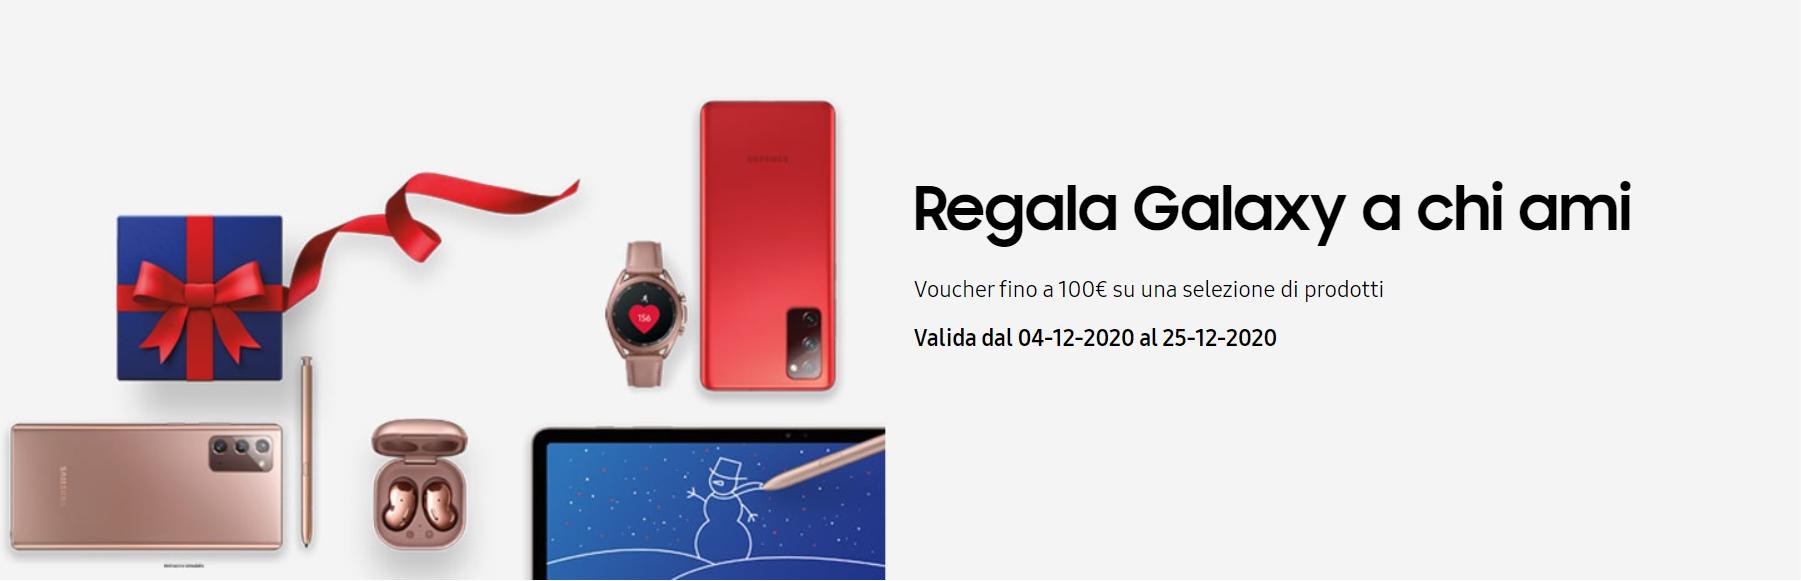 """Samsung """"Regala Galaxy a chi ami"""""""